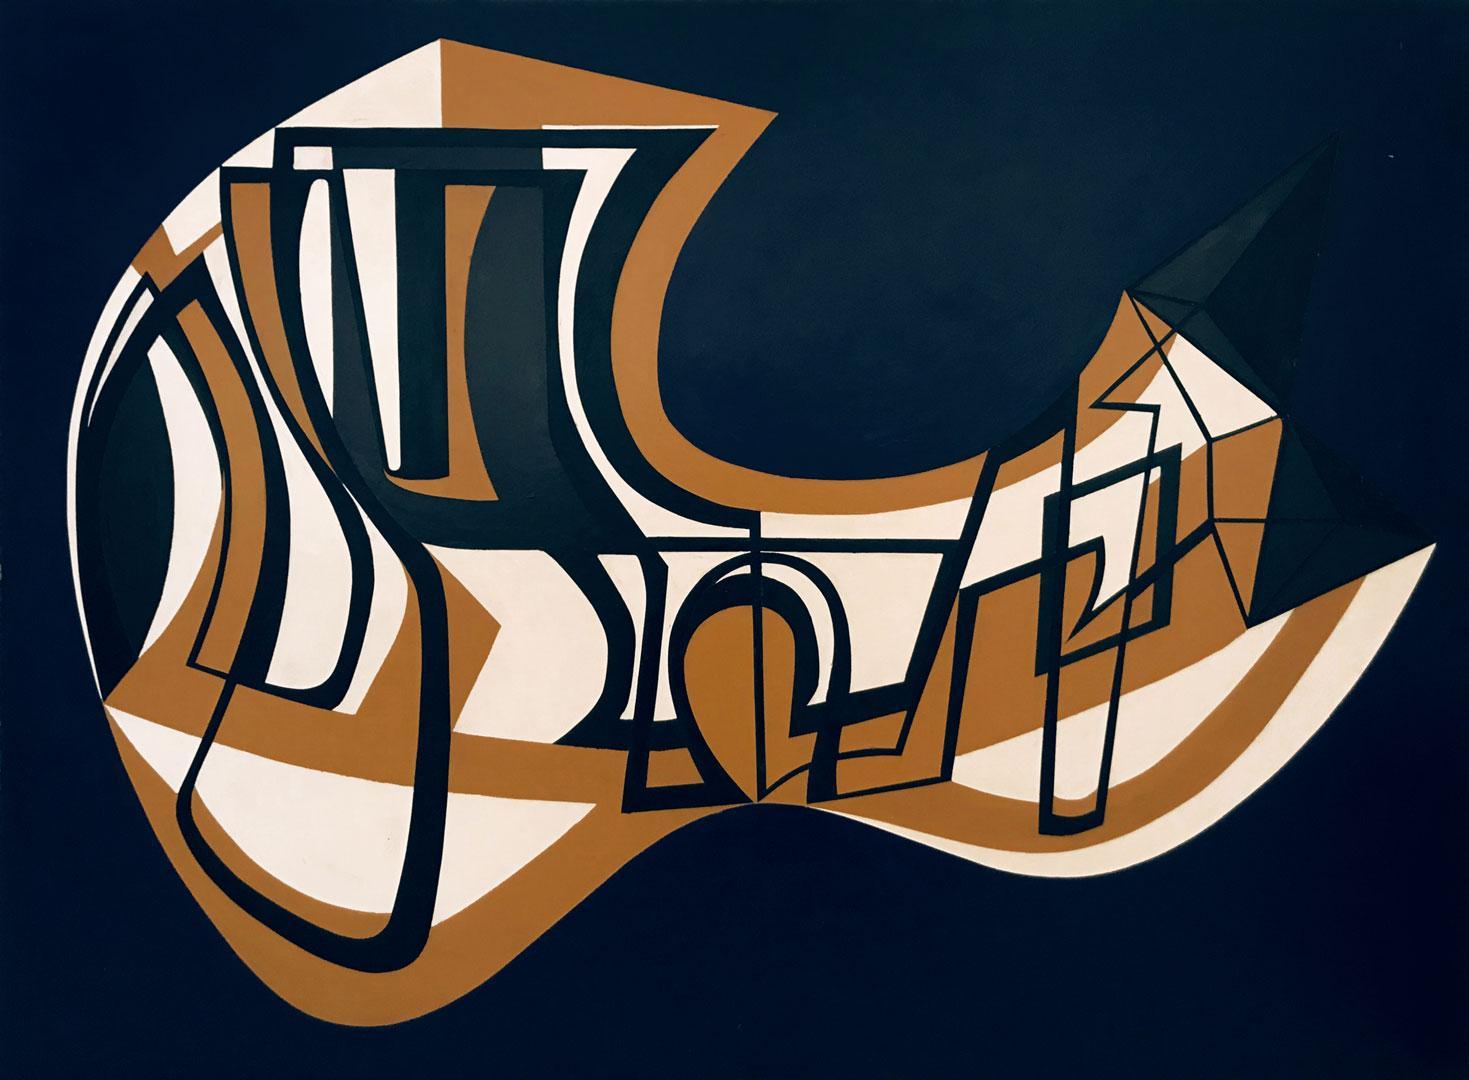 Il Magico Potere delle Forme nell'Arte Peruviana | Eielson, Piqueras, Rodriguez-Larrain | opere 1950-70